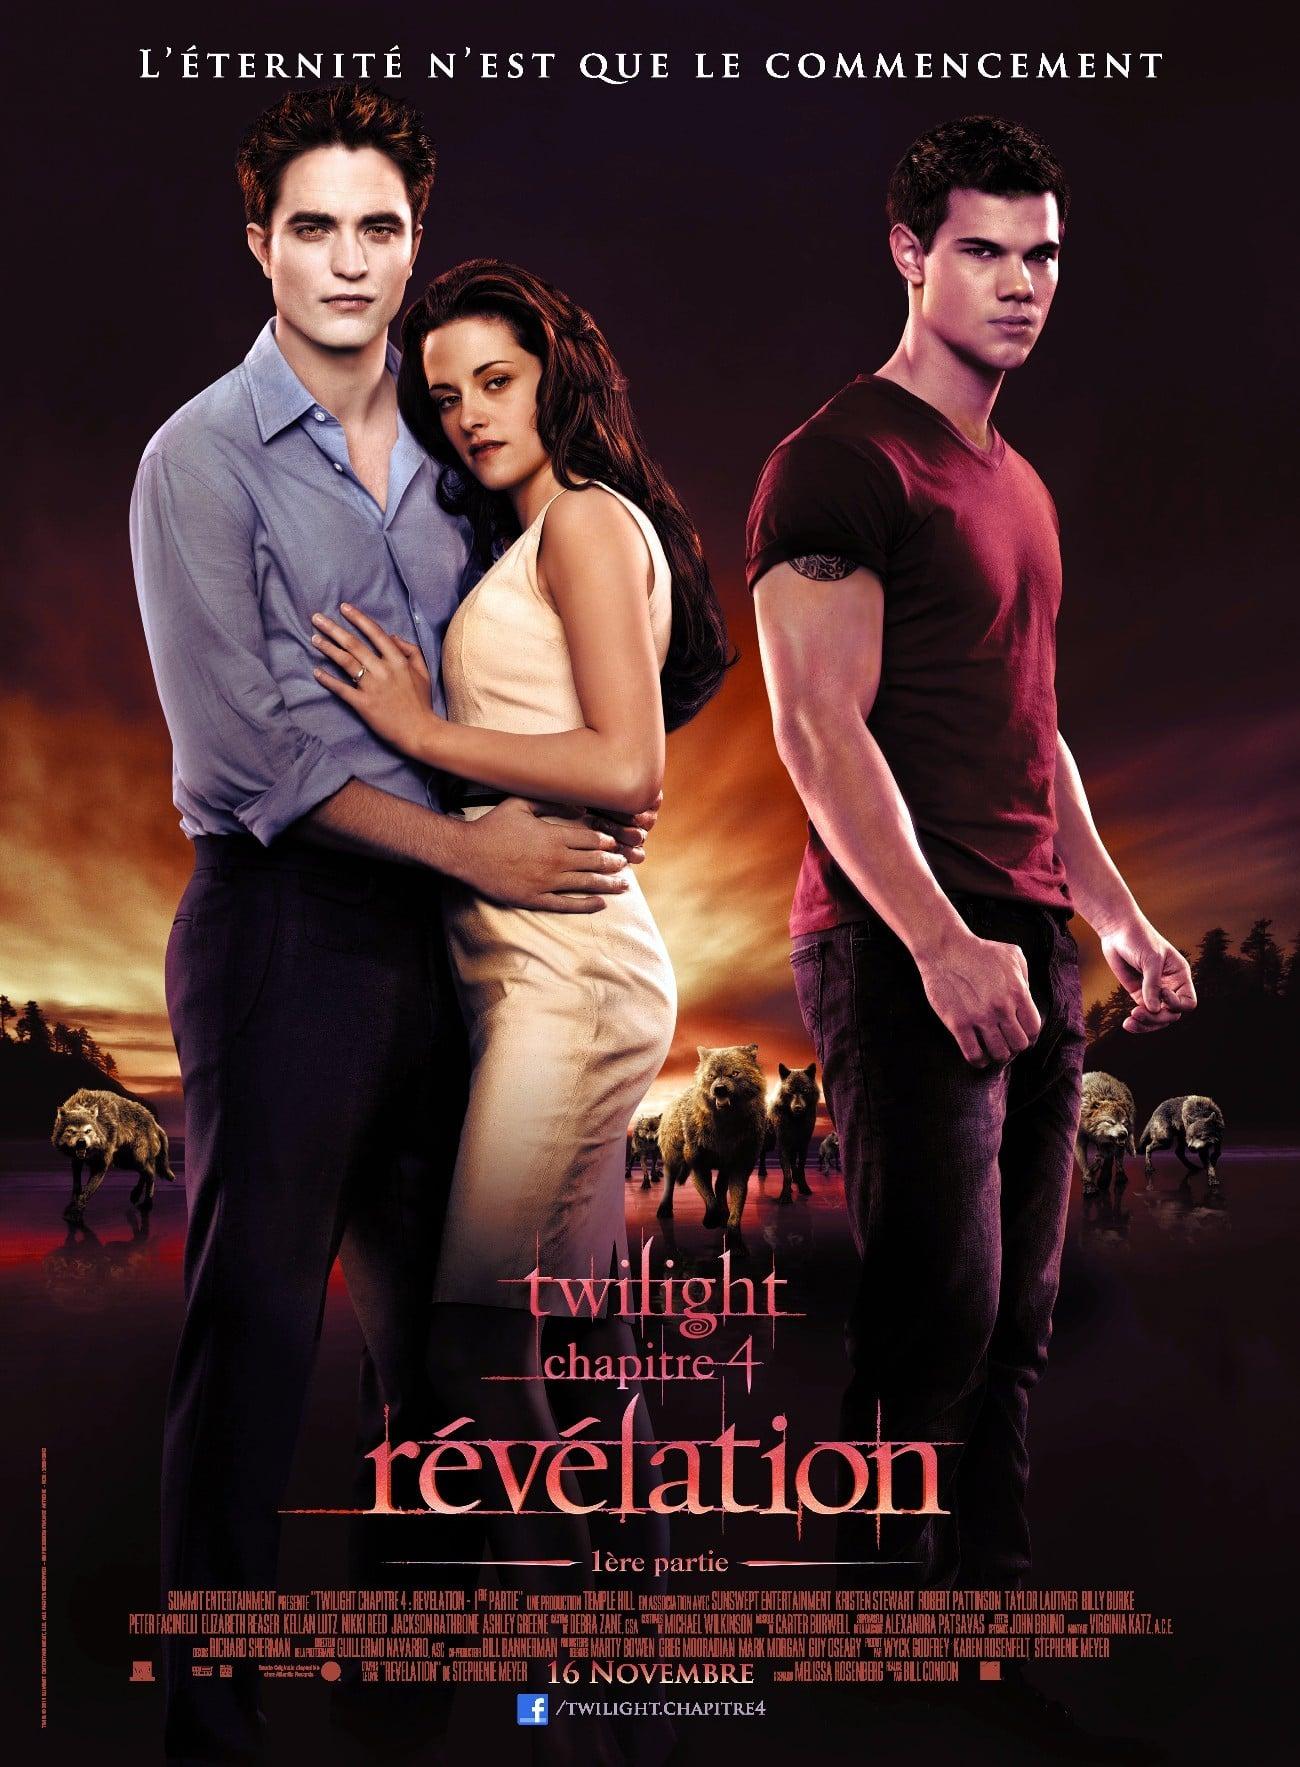 affiche du film Twilight : Chapitre 4 - Révélation, 1ère partie